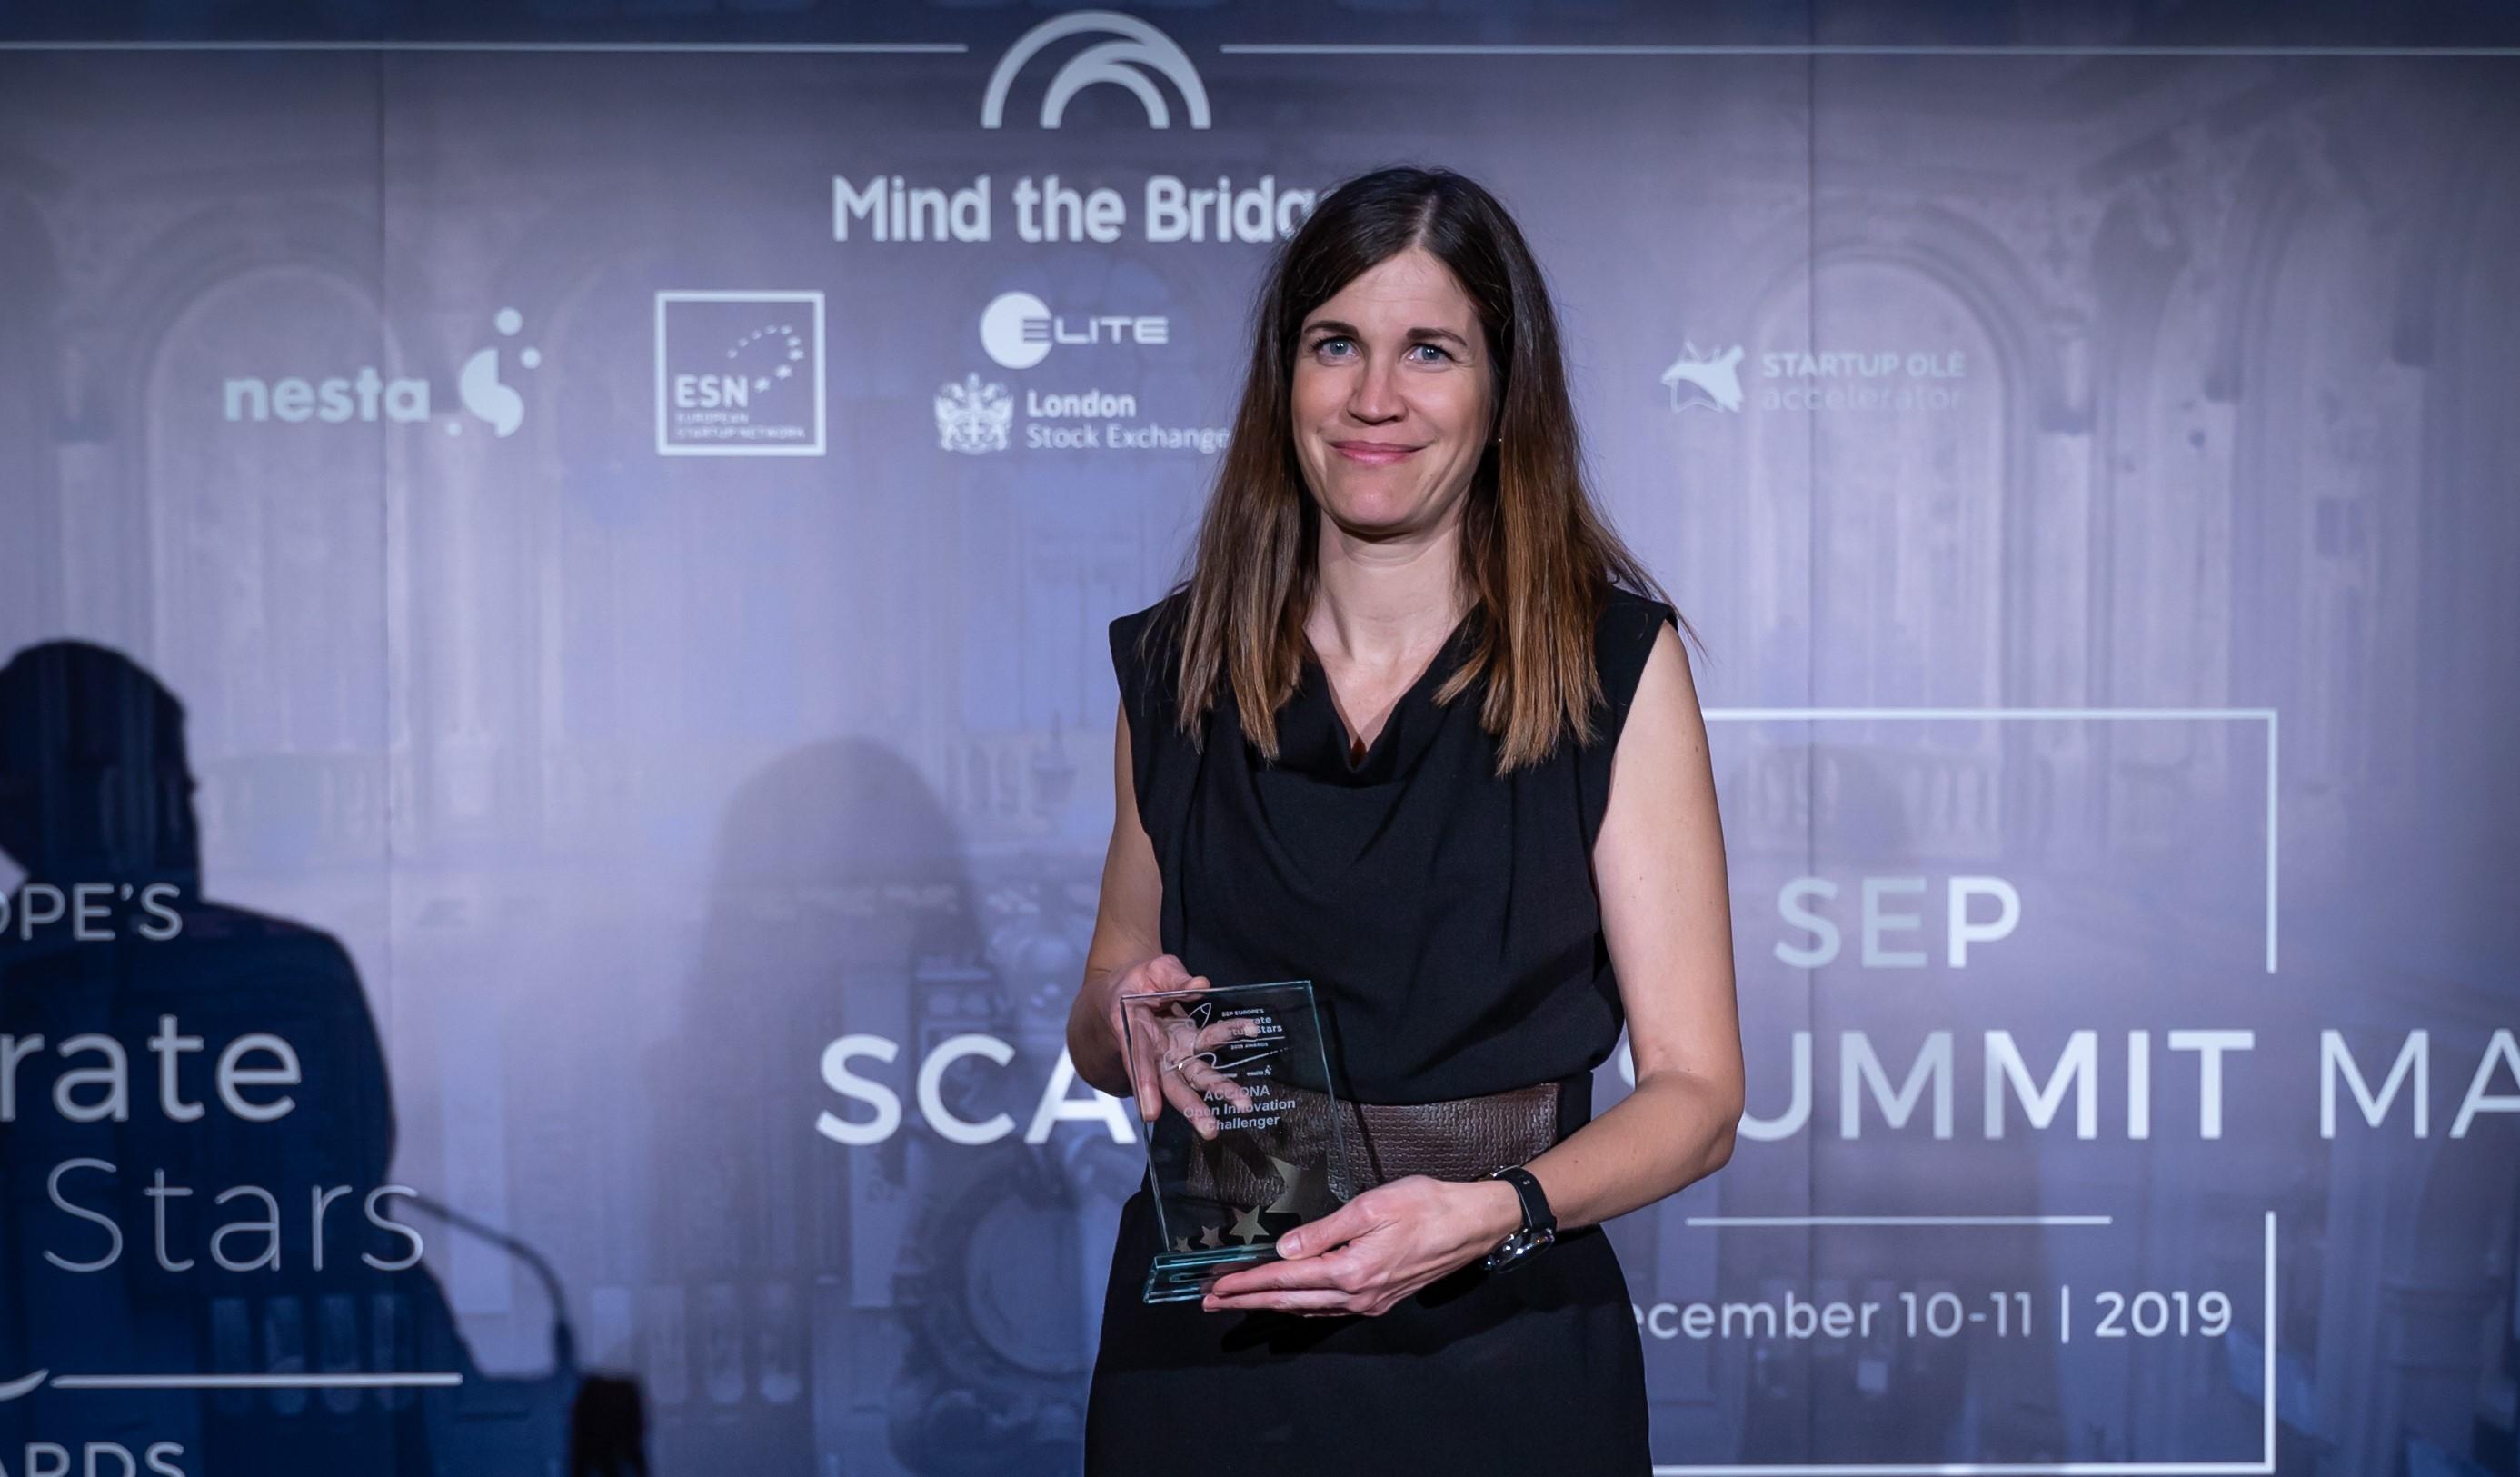 La Unión Europea premia a ACCIONA por integrar en su negocio la innovación con startups